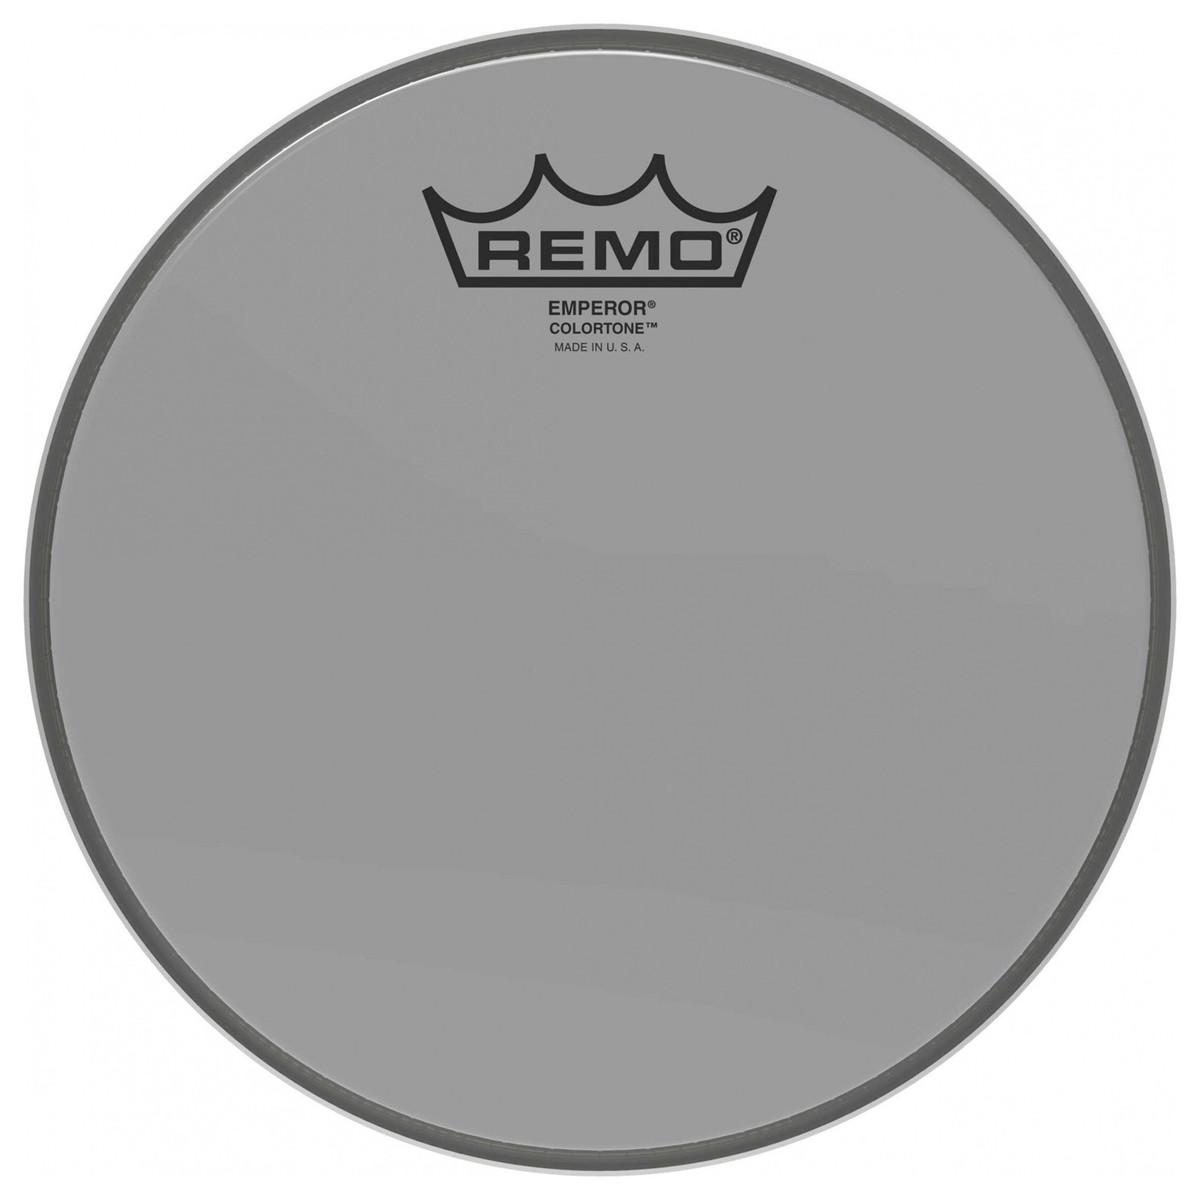 Remo Emperor Colortone Smoke 14 Drum Head